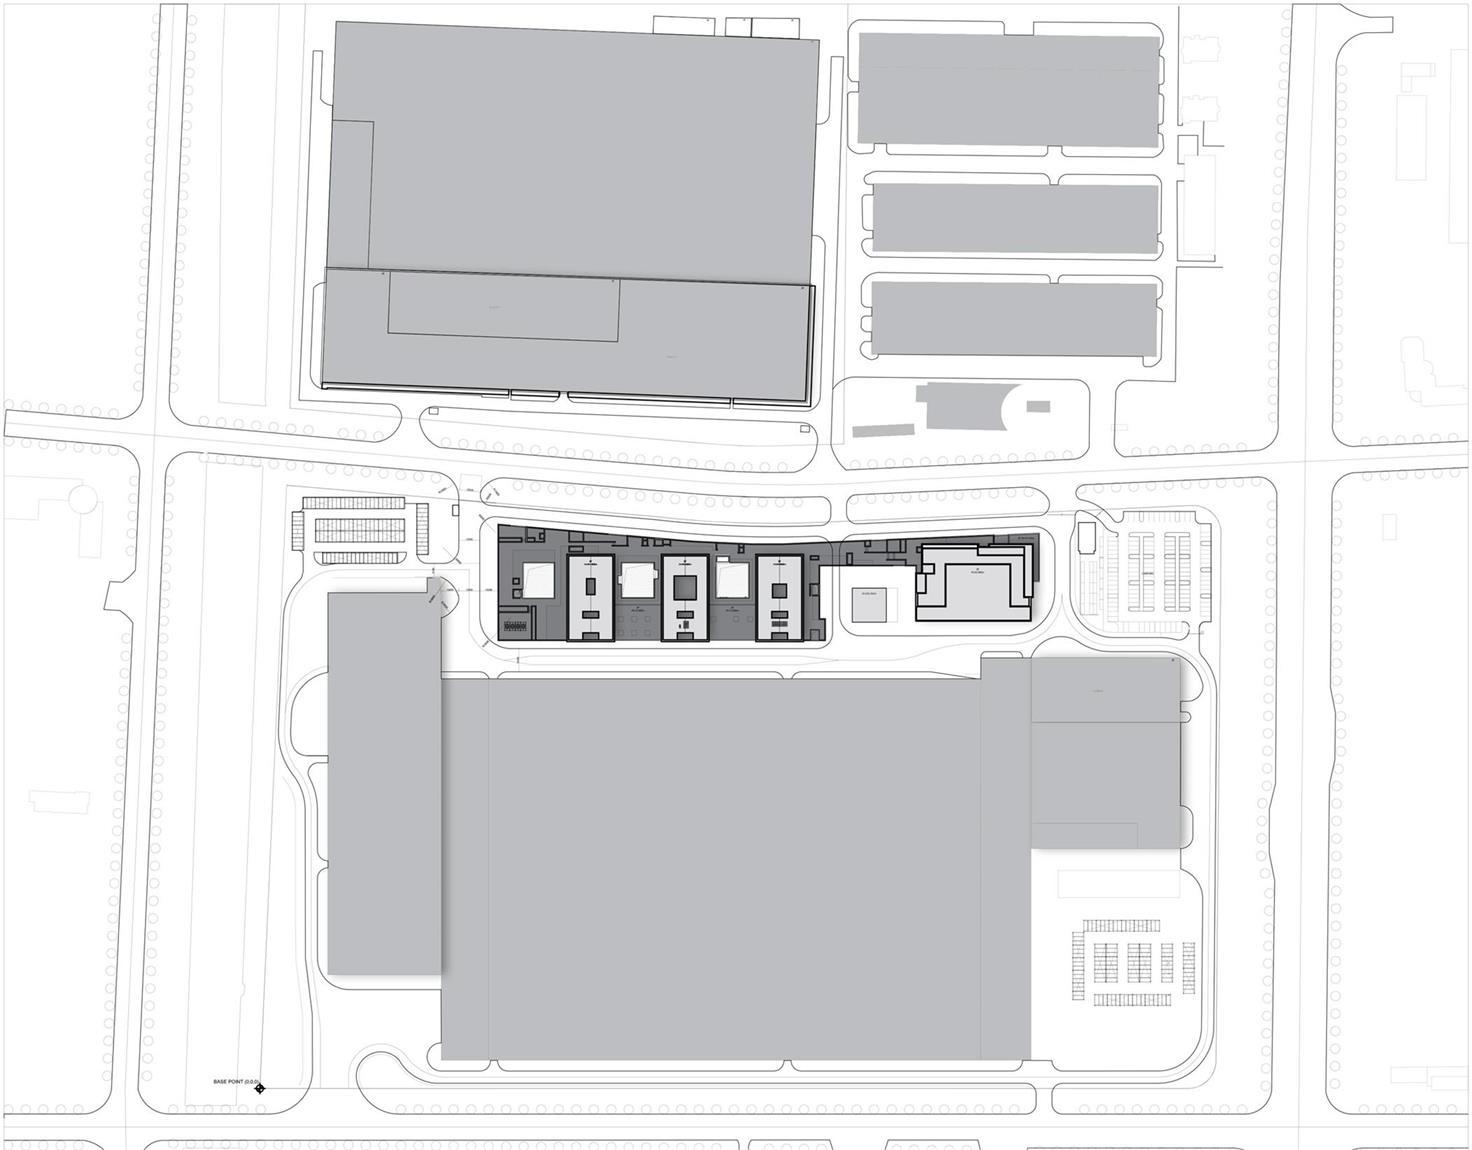 办公楼建筑区位图